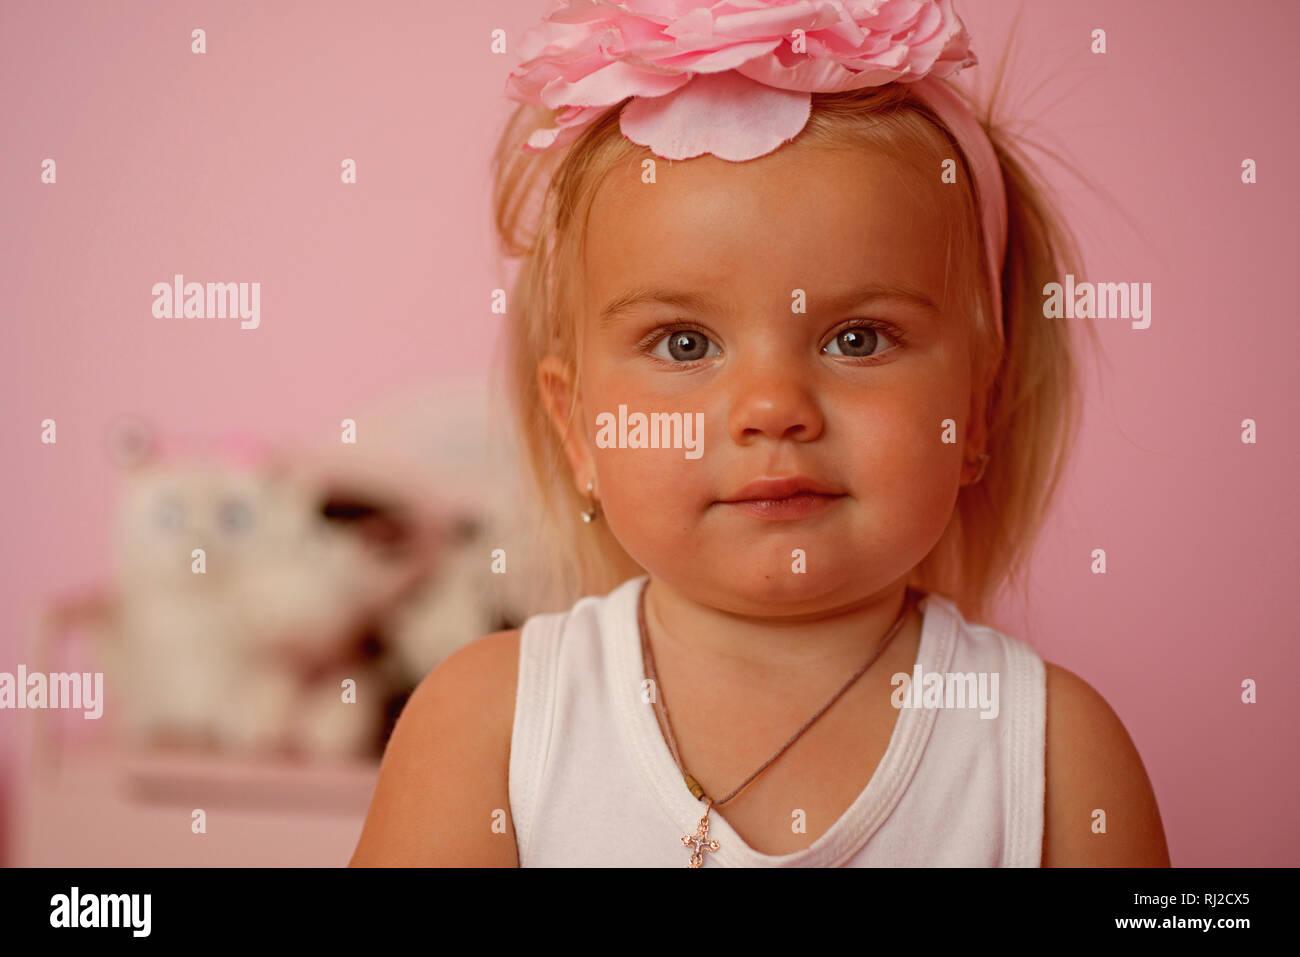 Unbeschwerte Schönheit Kleines Mädchen Mit Langen Frisur Kleines